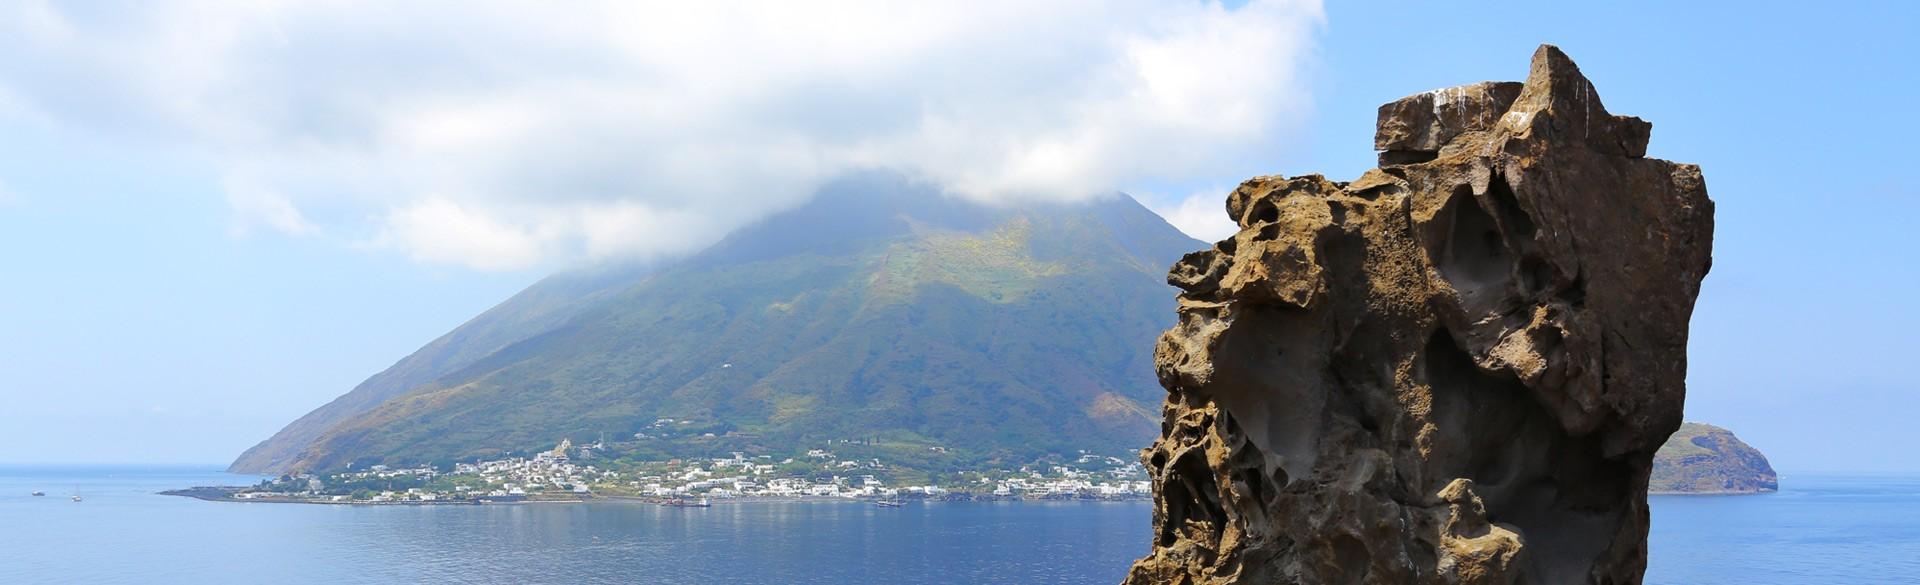 Foto Paesaggi siciliani